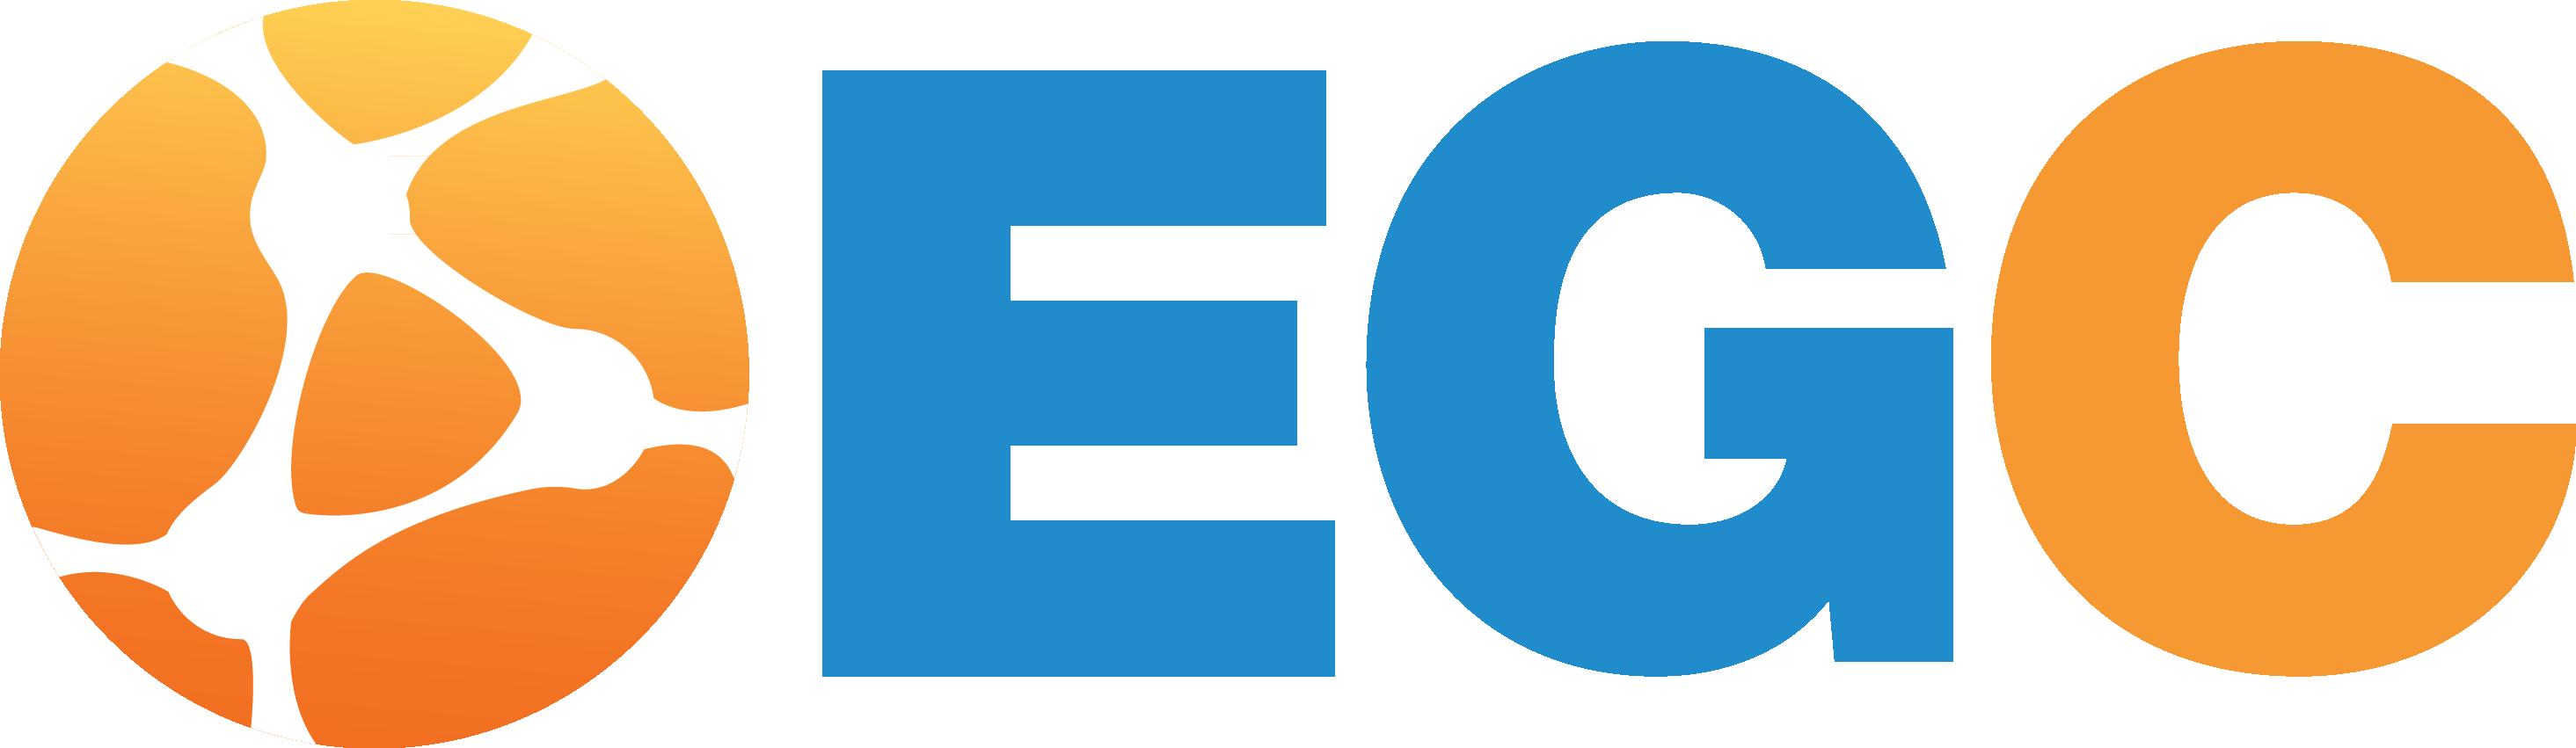 EGC - Engenharia e Gestão do Conhecimento